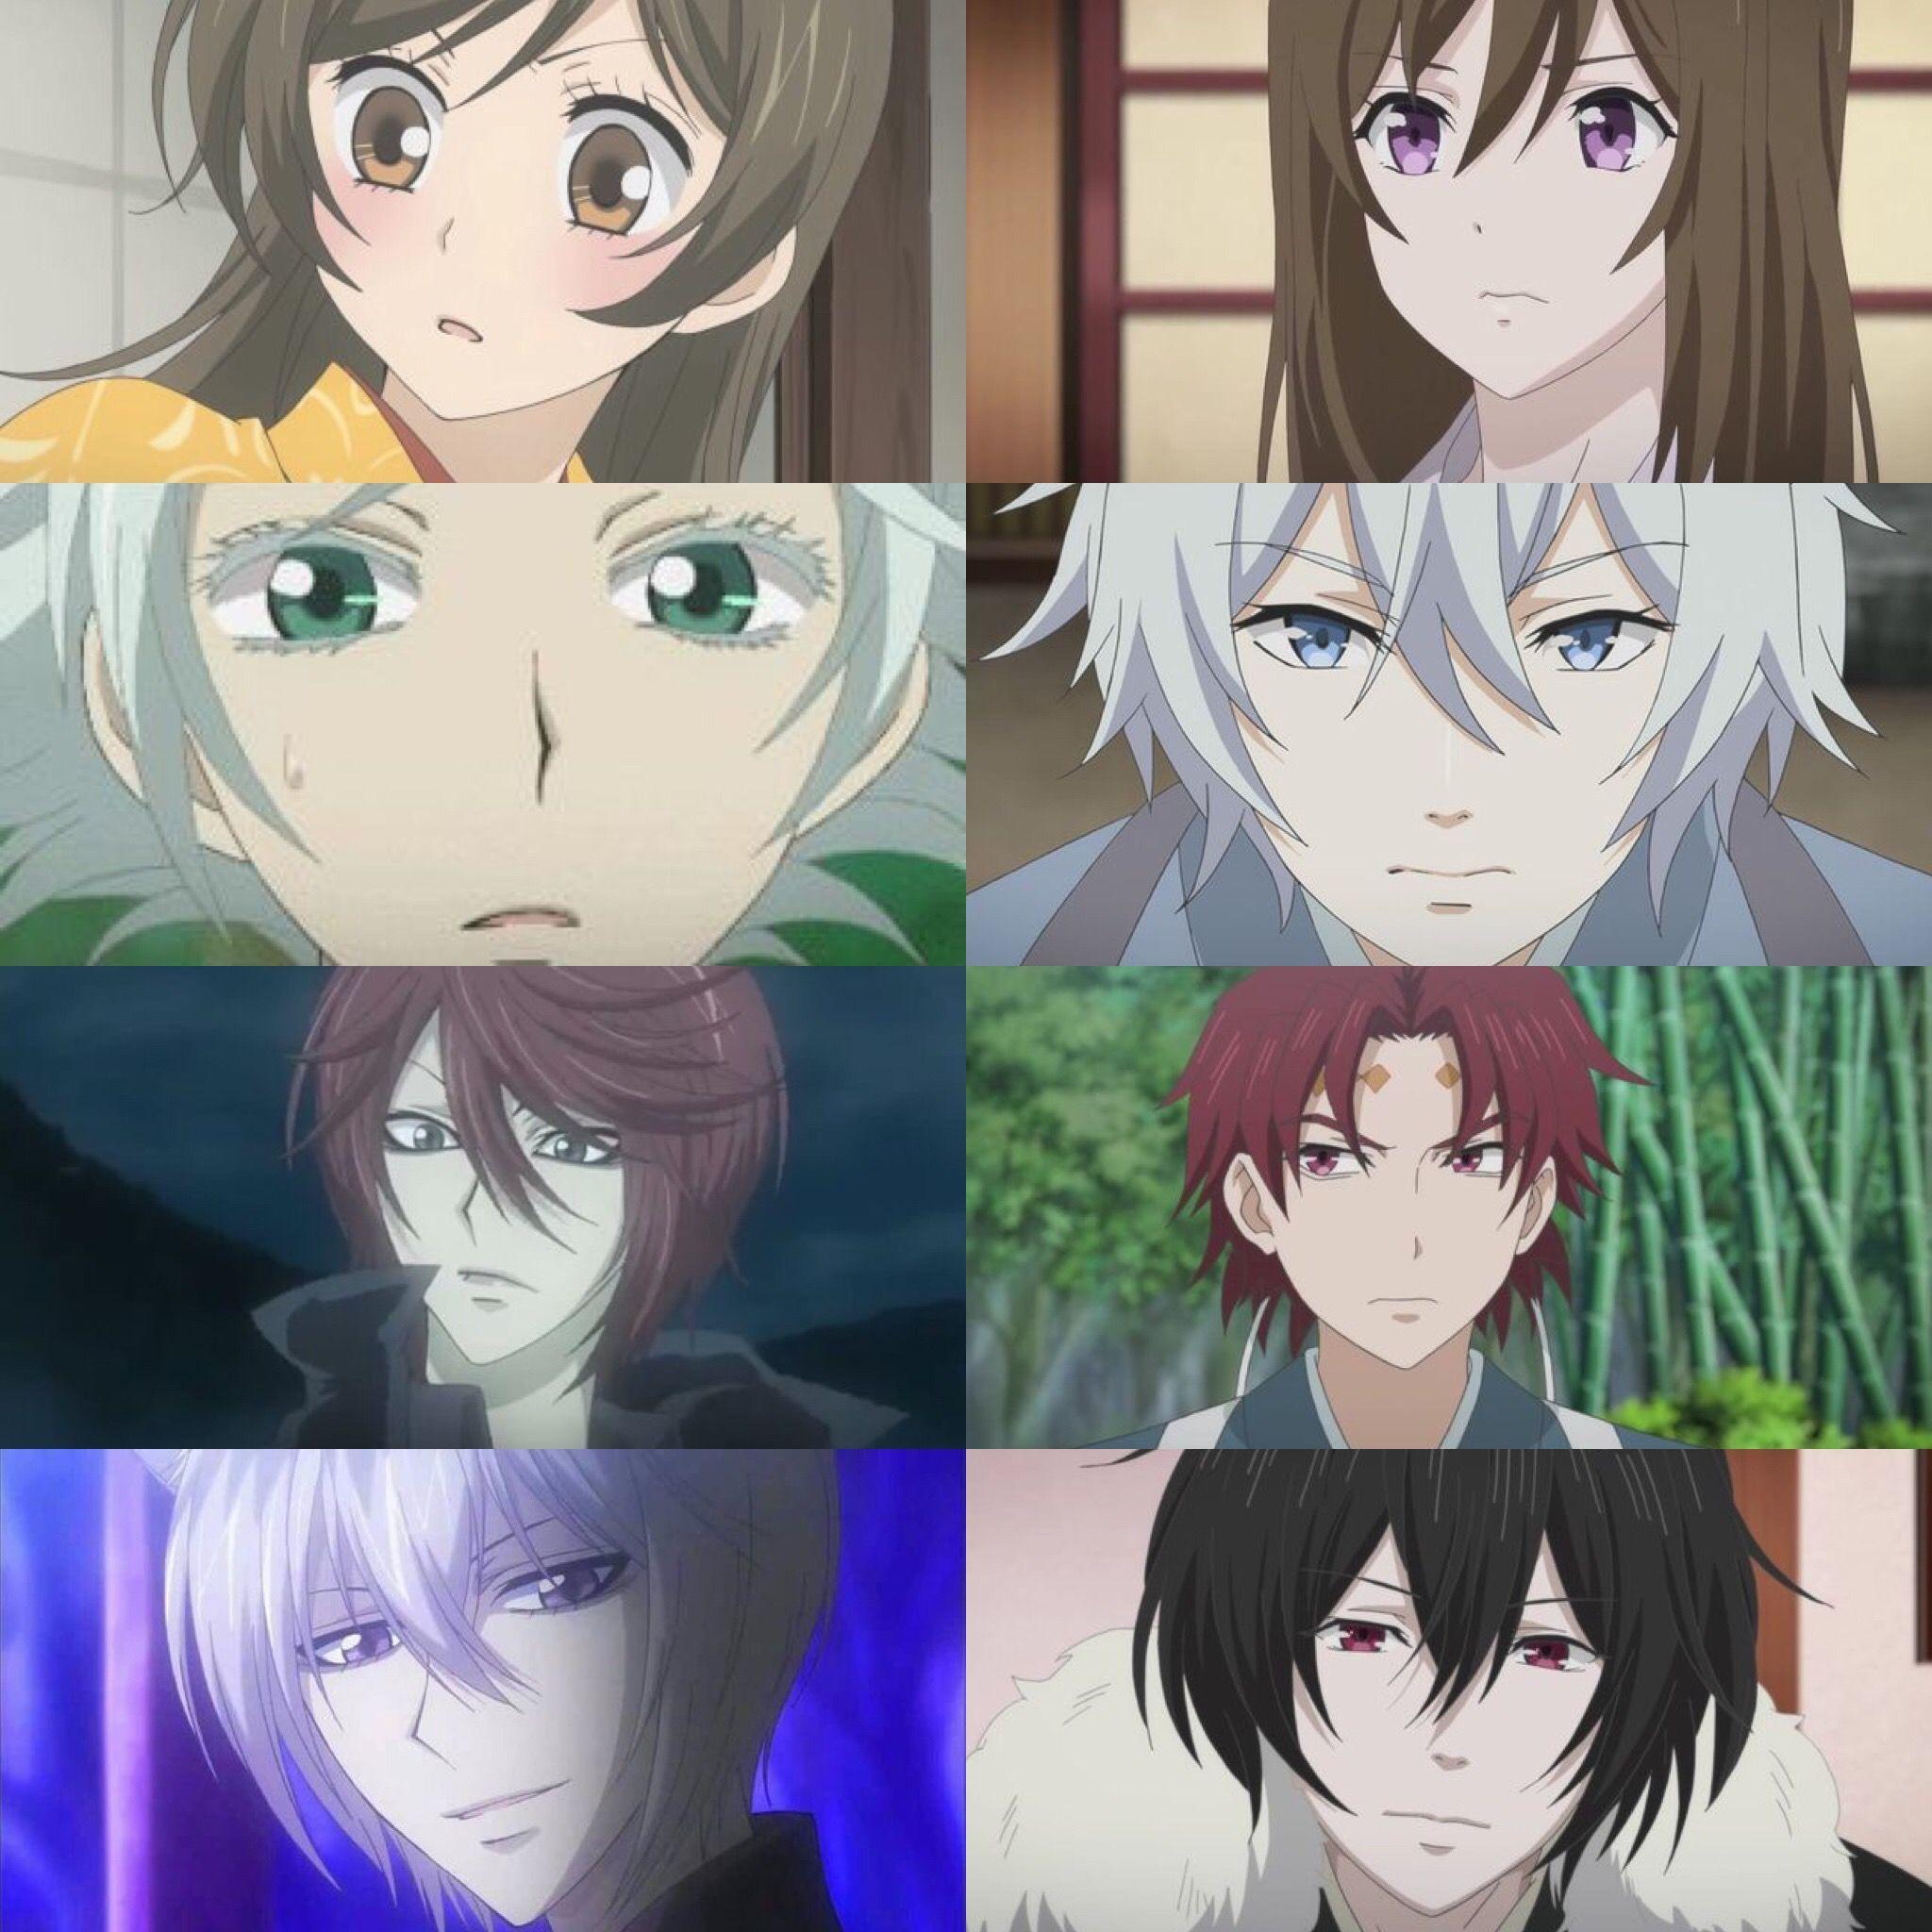 Kakuriyo no Yadomeshi vs. Kamisama Hajimemashita